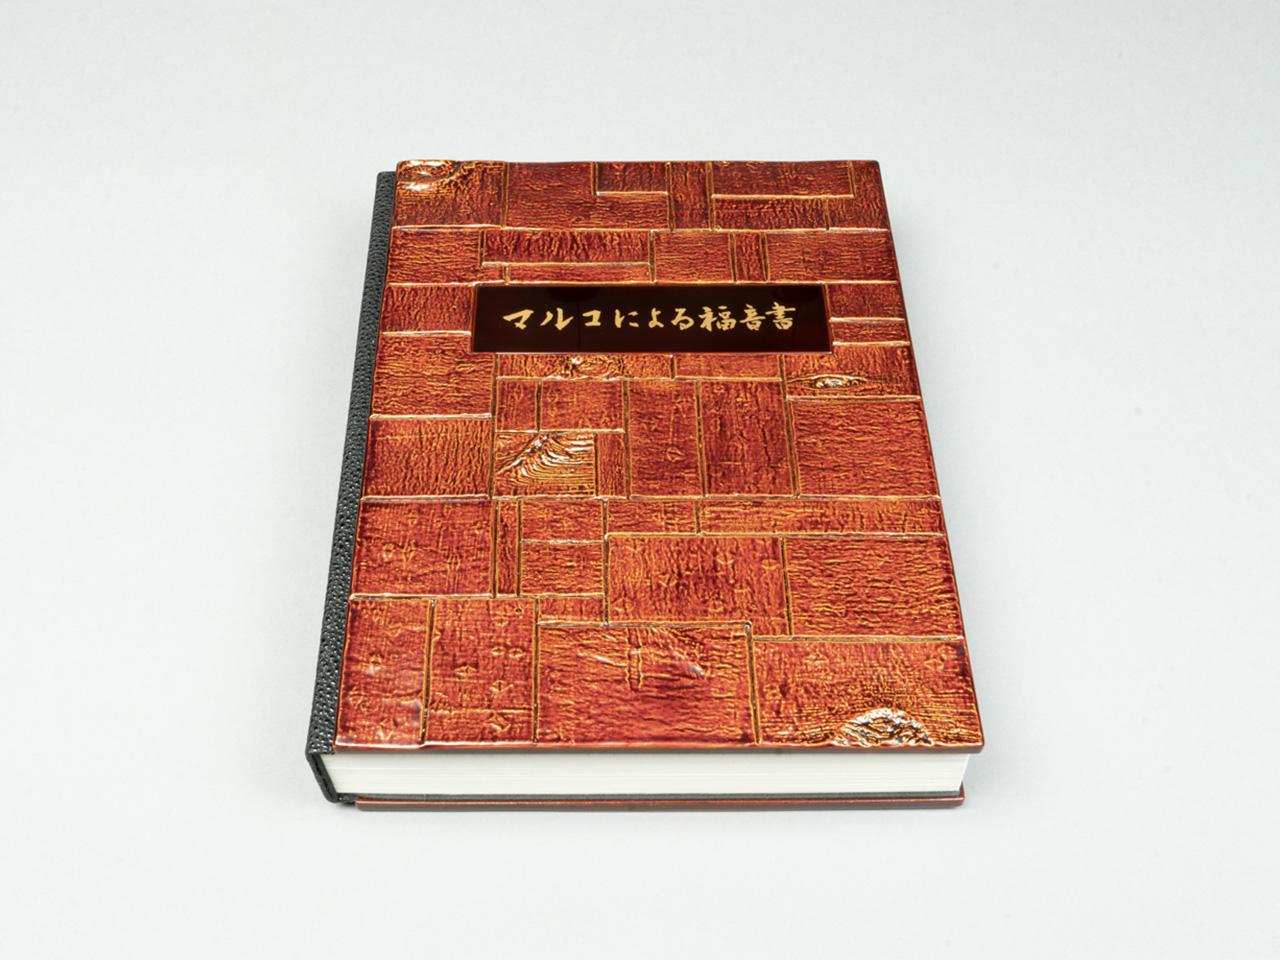 マルコによる福音書の表紙